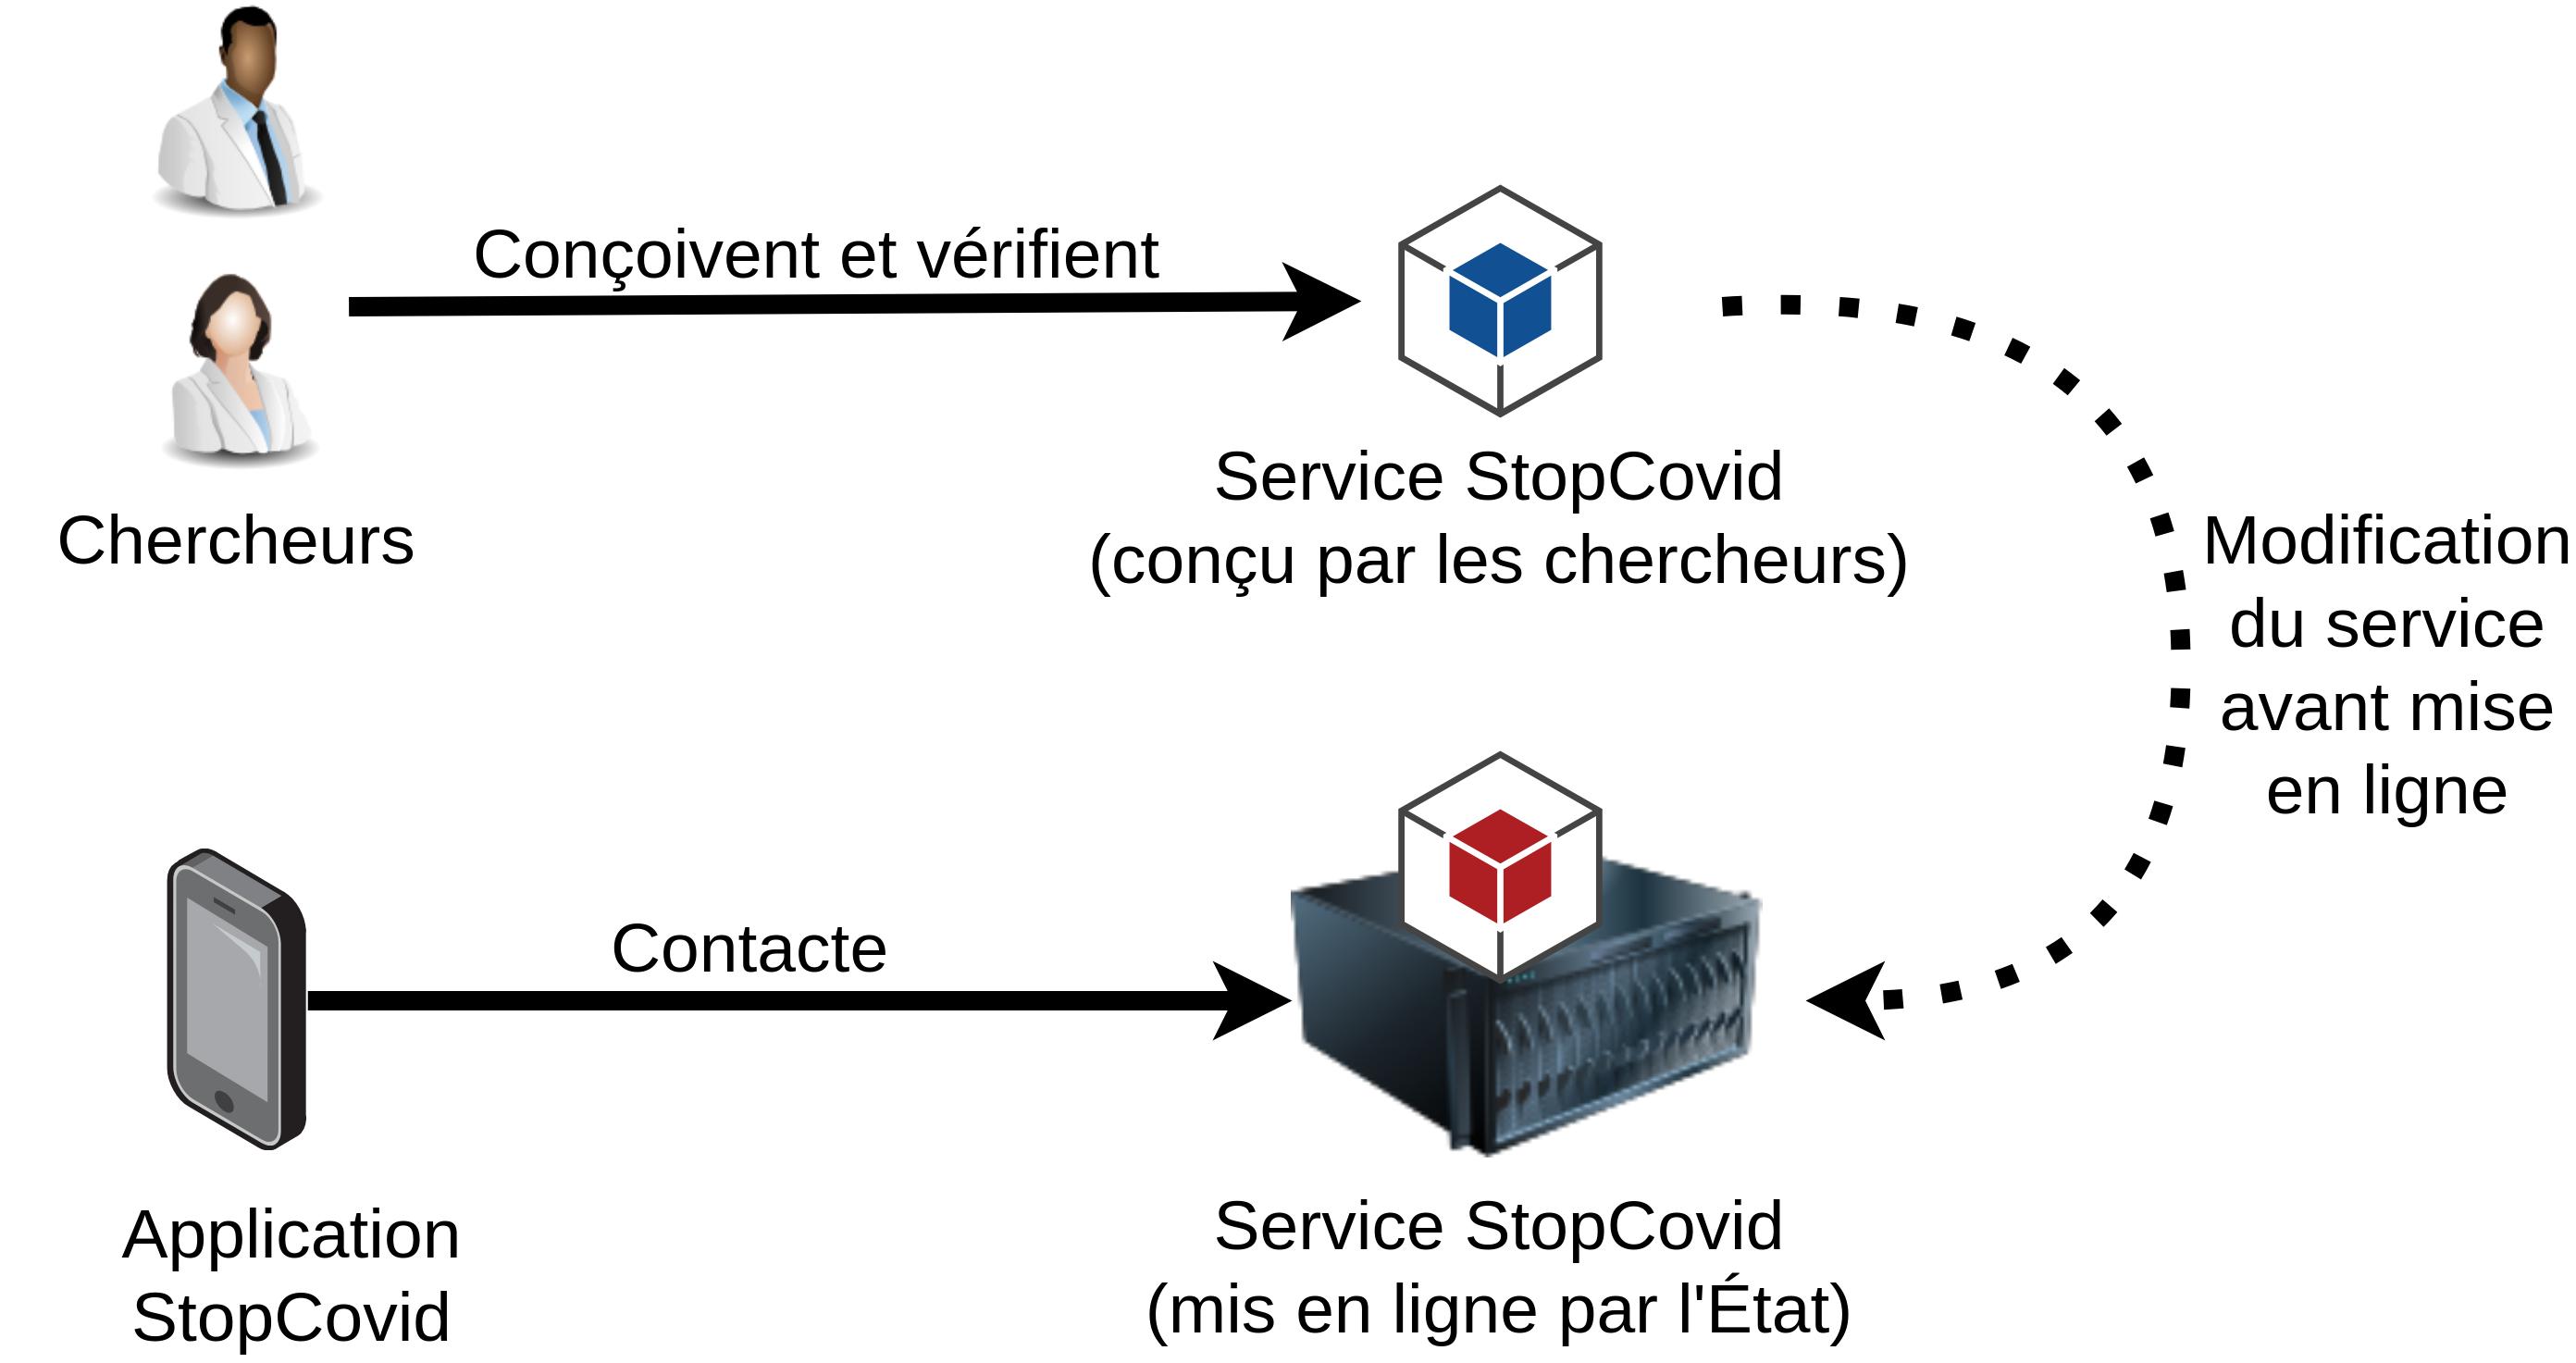 StopCovid, différence entre code source et déploiement